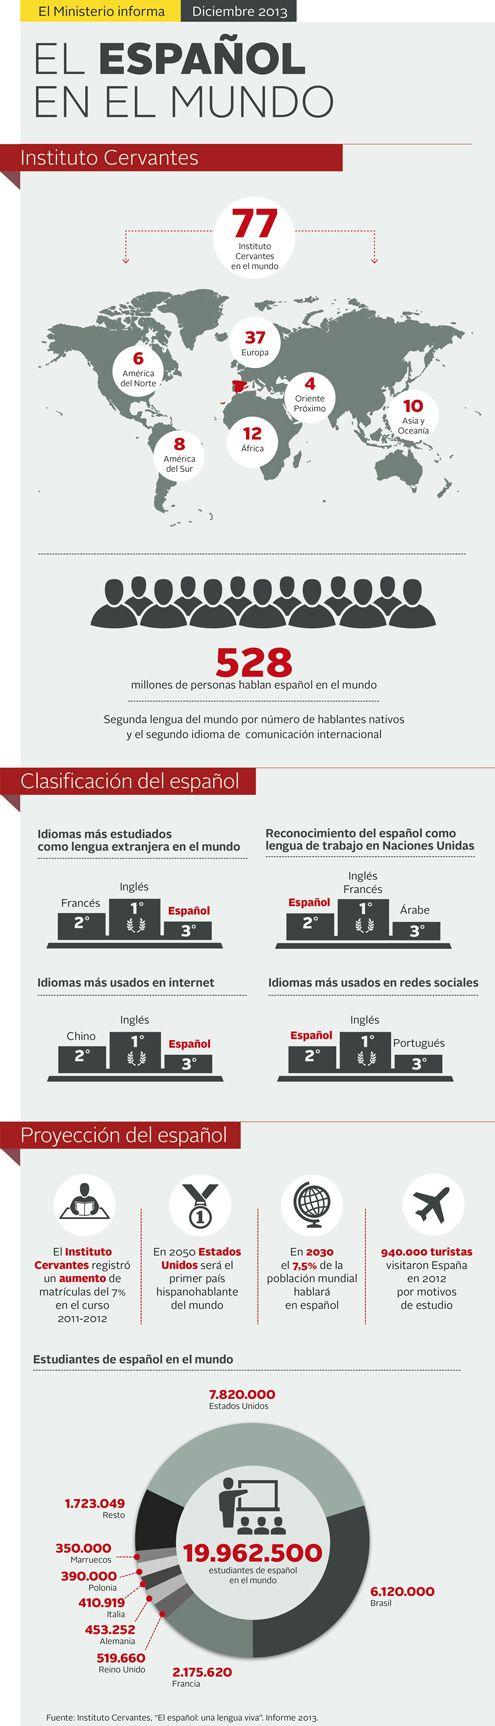 El español en el Mundo #infografia #infographic